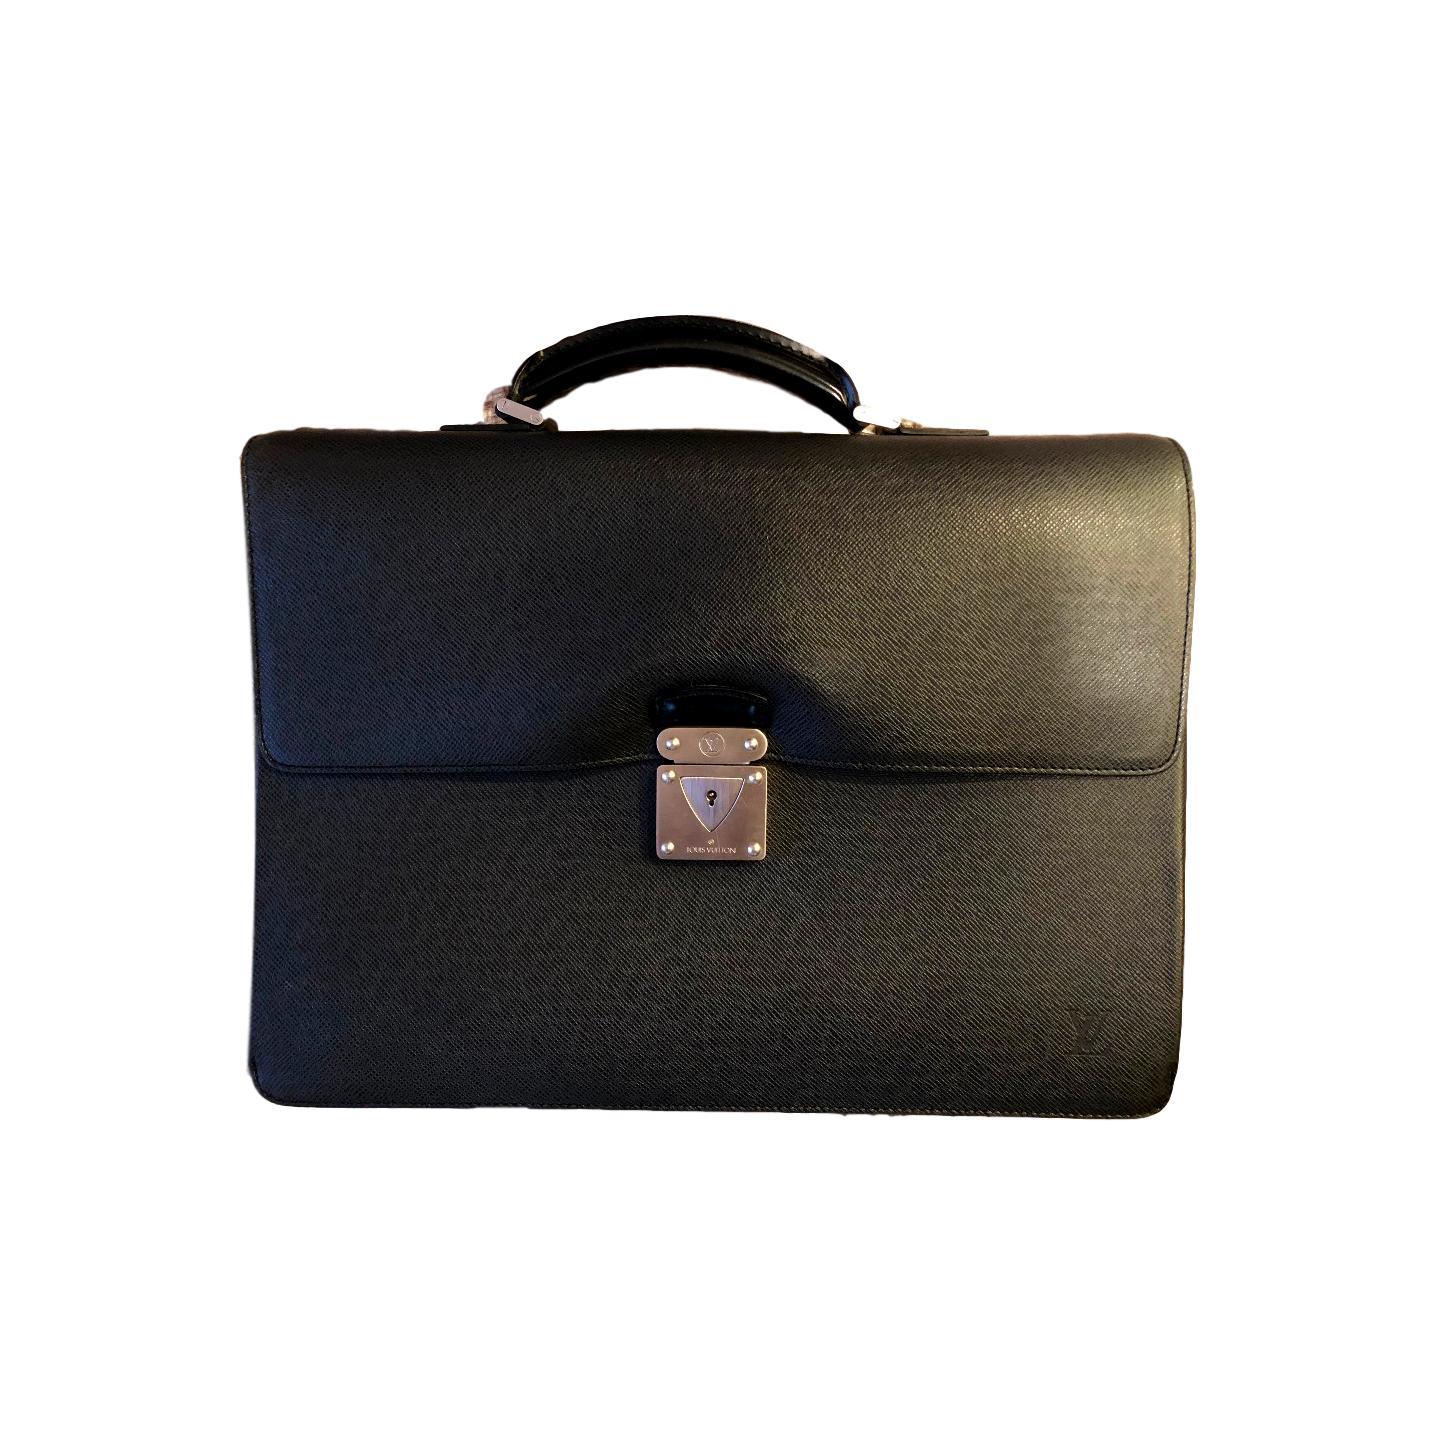 86c4b207a1c7 Купить портфель Louis Vuitton за 40000 руб. в интернет магазине ...